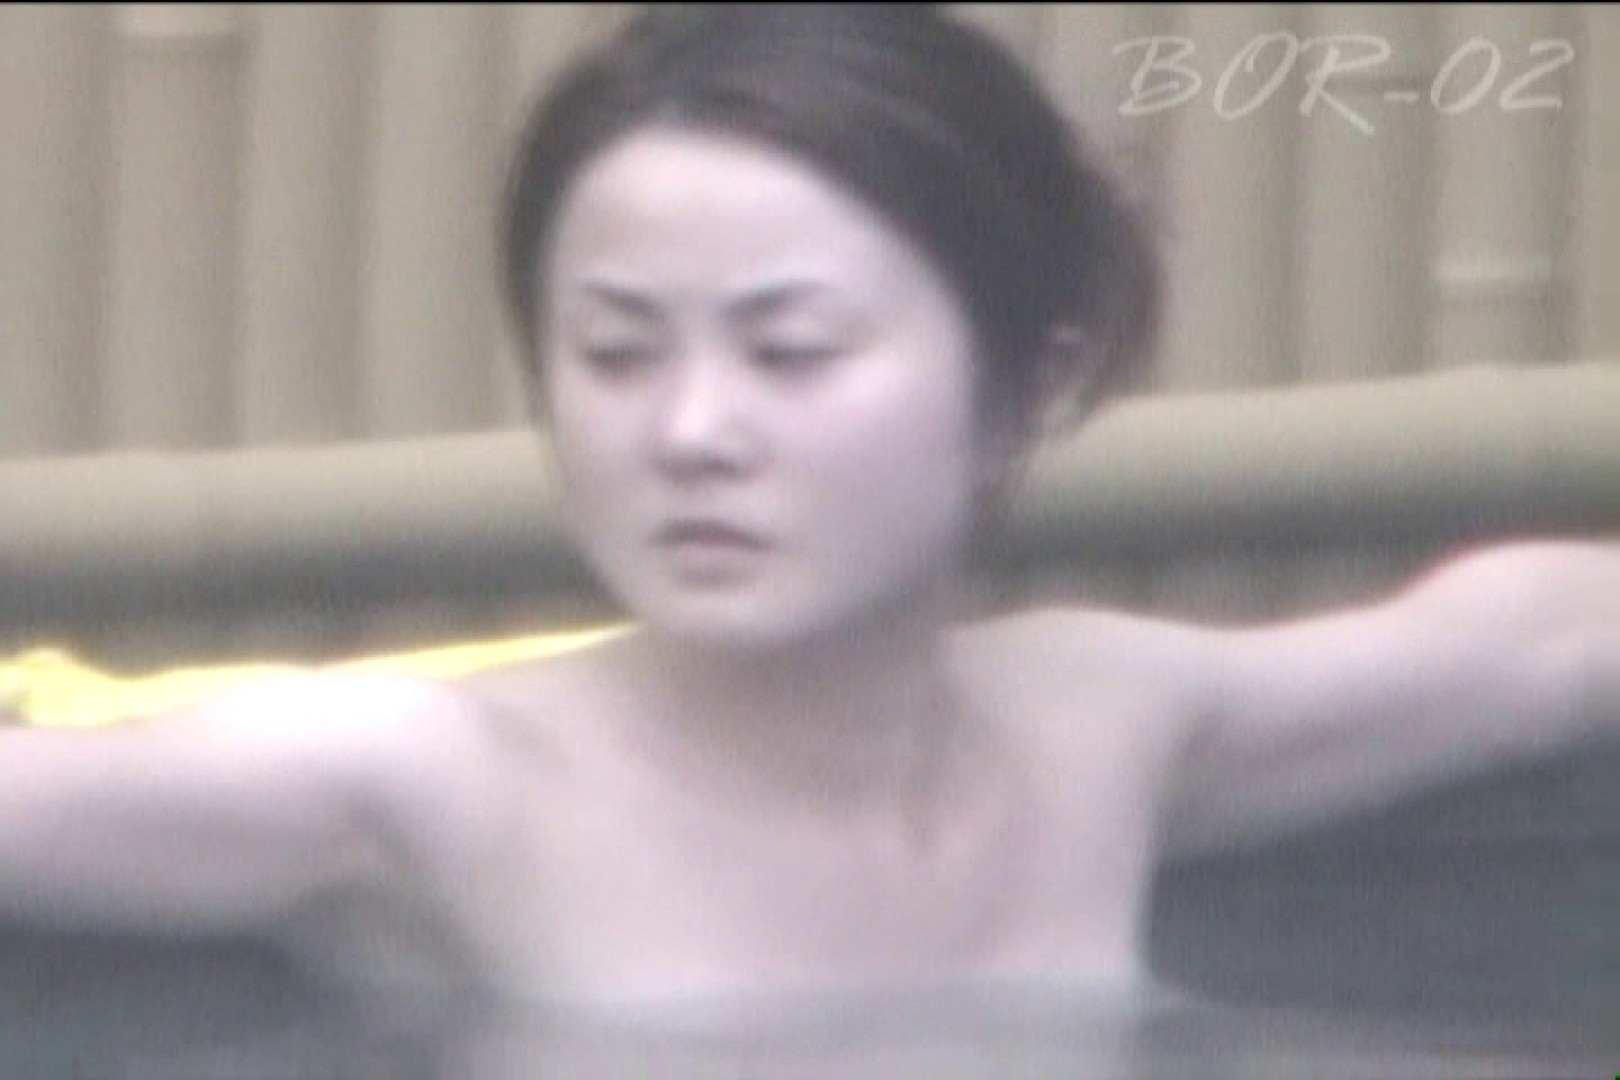 Aquaな露天風呂Vol.474 露天 | OLすけべ画像  87連発 82